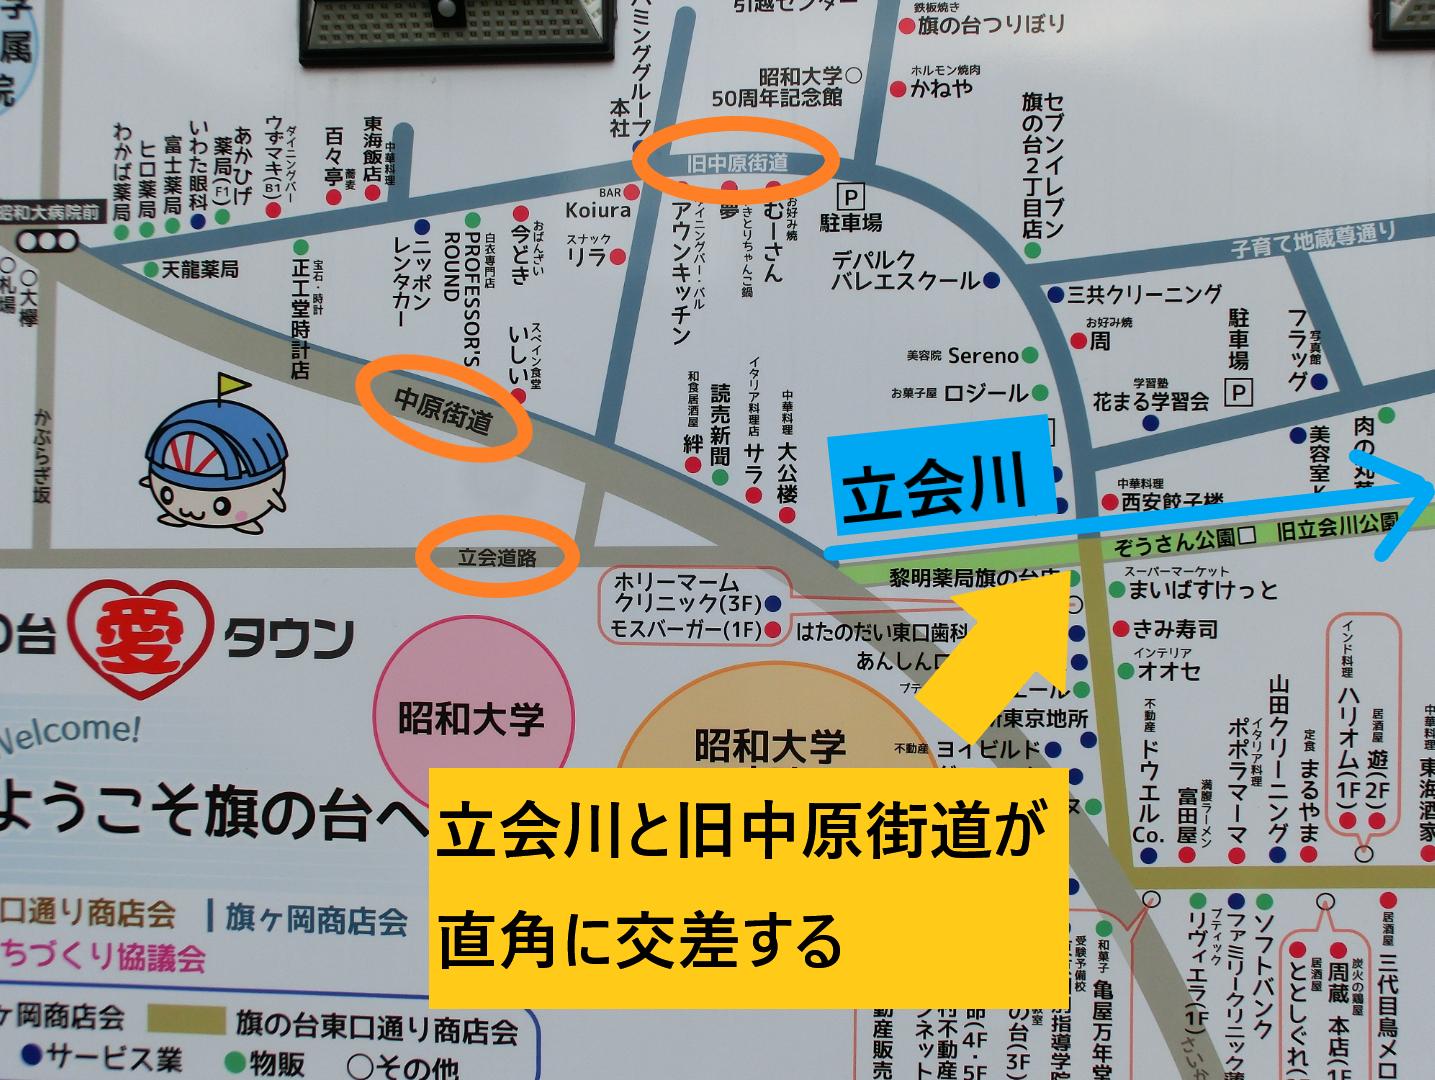 立会川と旧中原街道が直角に交差する 西小山→荏原町散策2